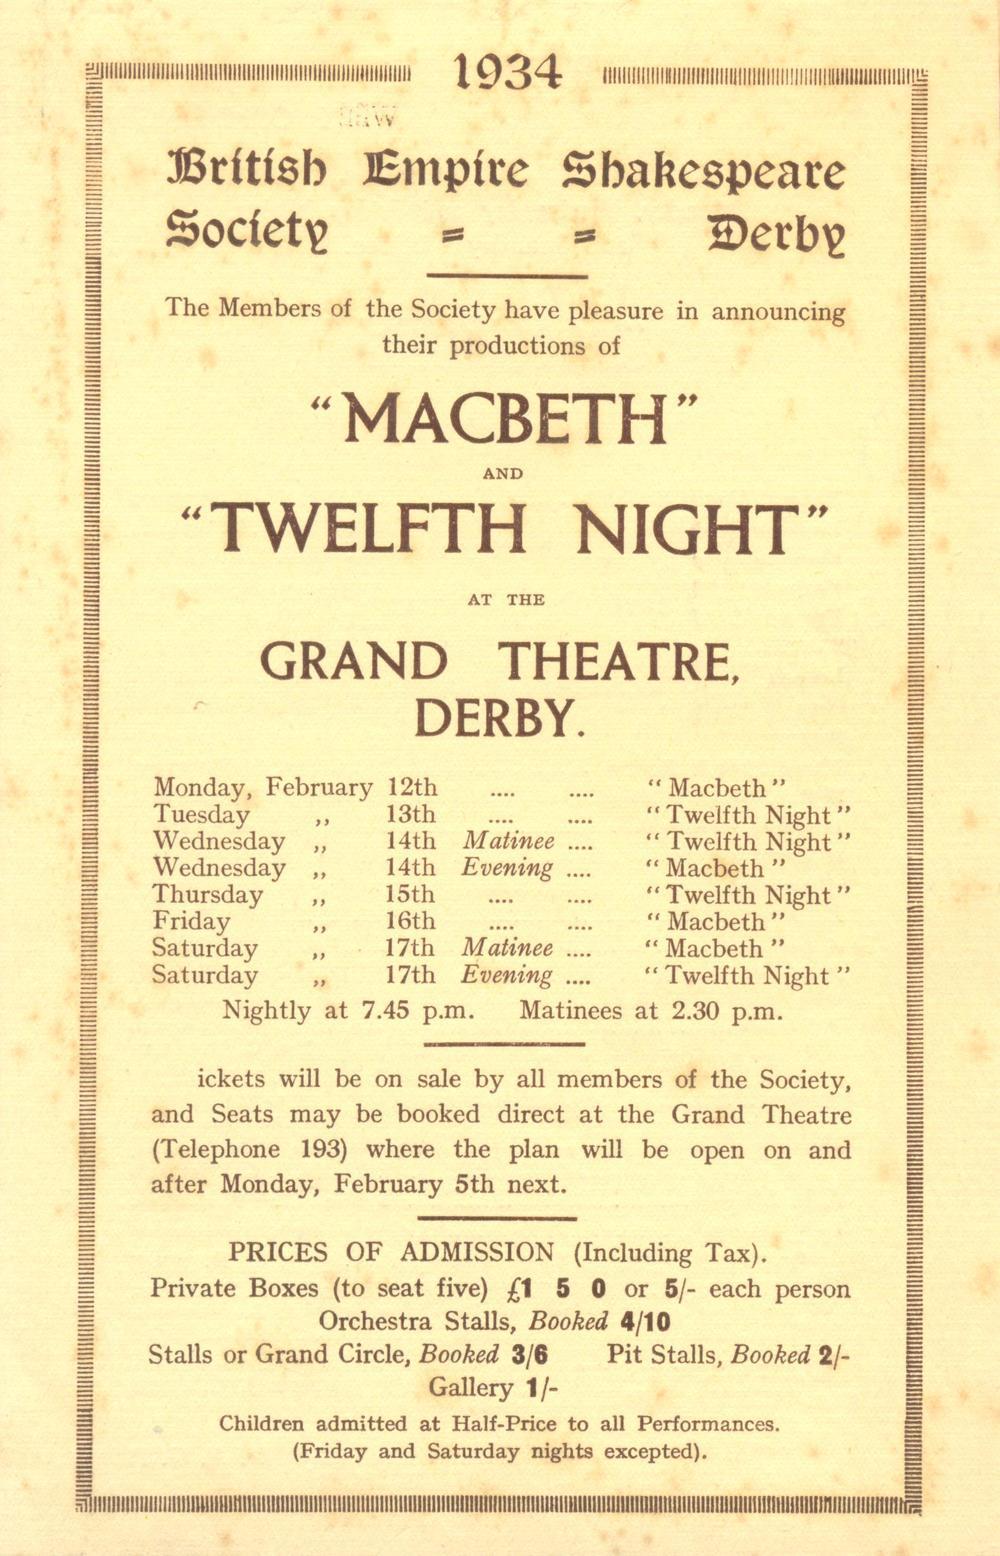 'Macbeth' & 'Twelfth Night' 1934